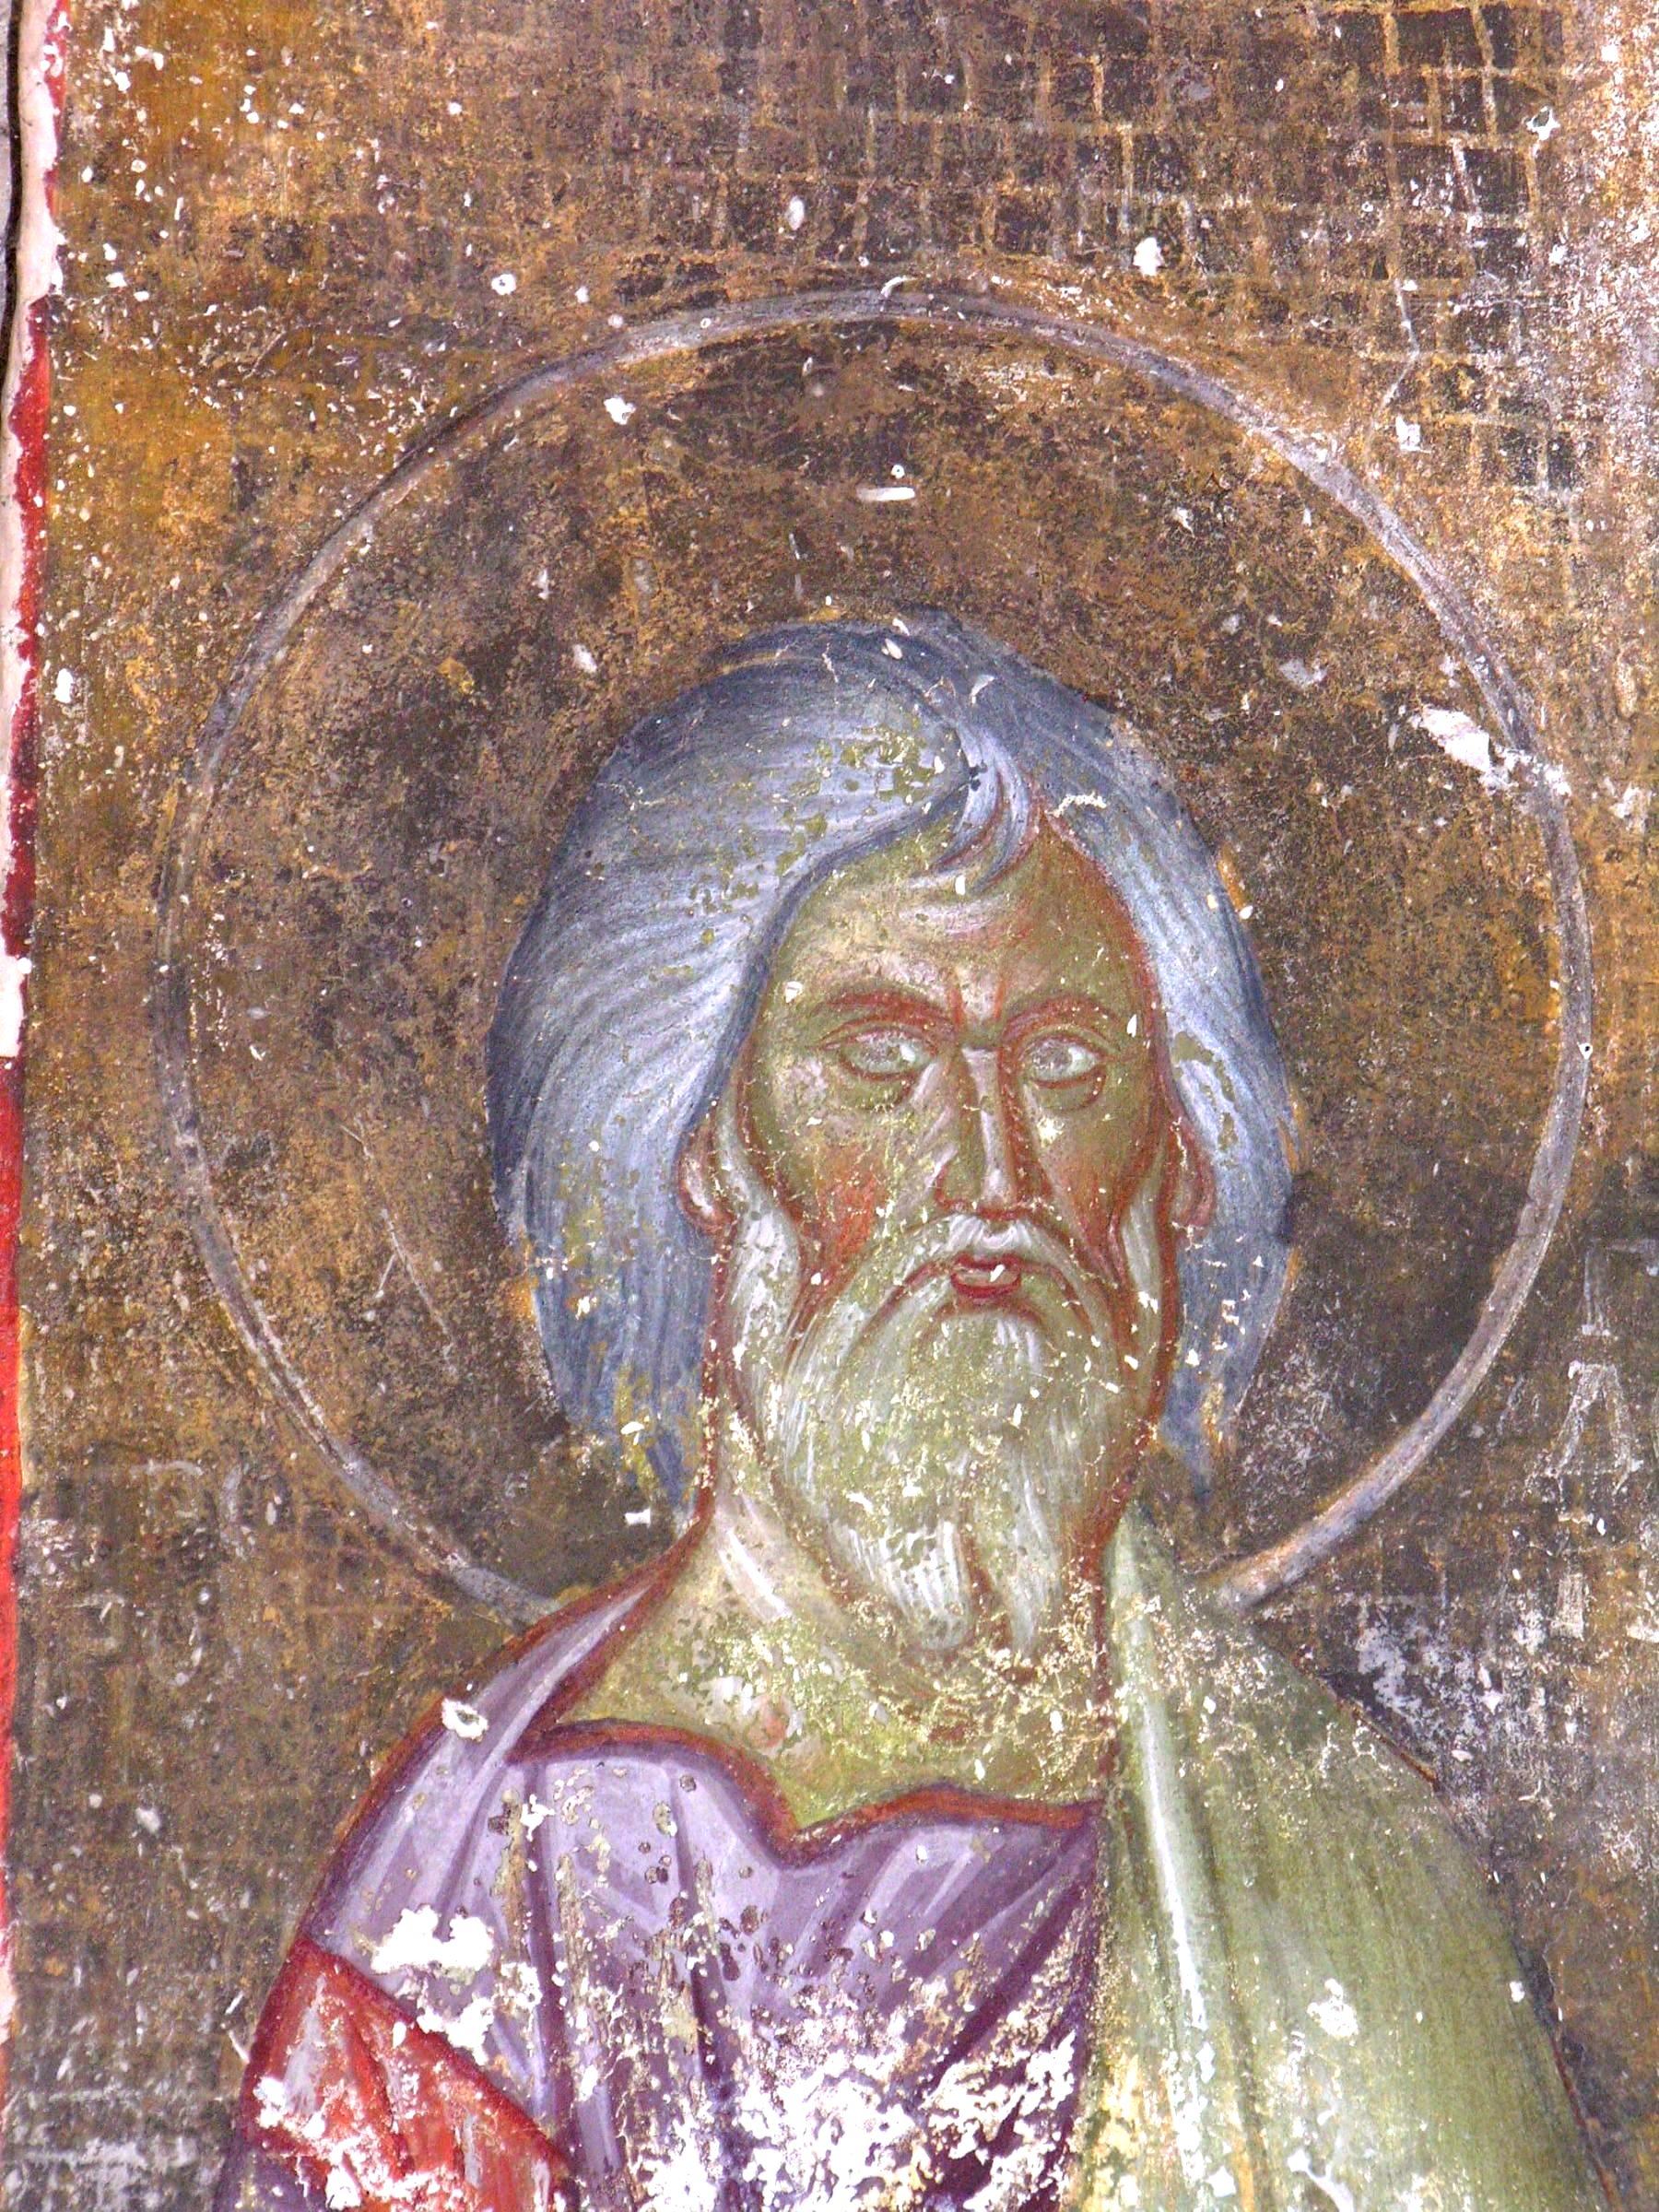 Святой Праведный Гедеон. Фреска церкви Благовещения Пресвятой Богородицы в монастыре Градац, Сербия. Около 1275 года.